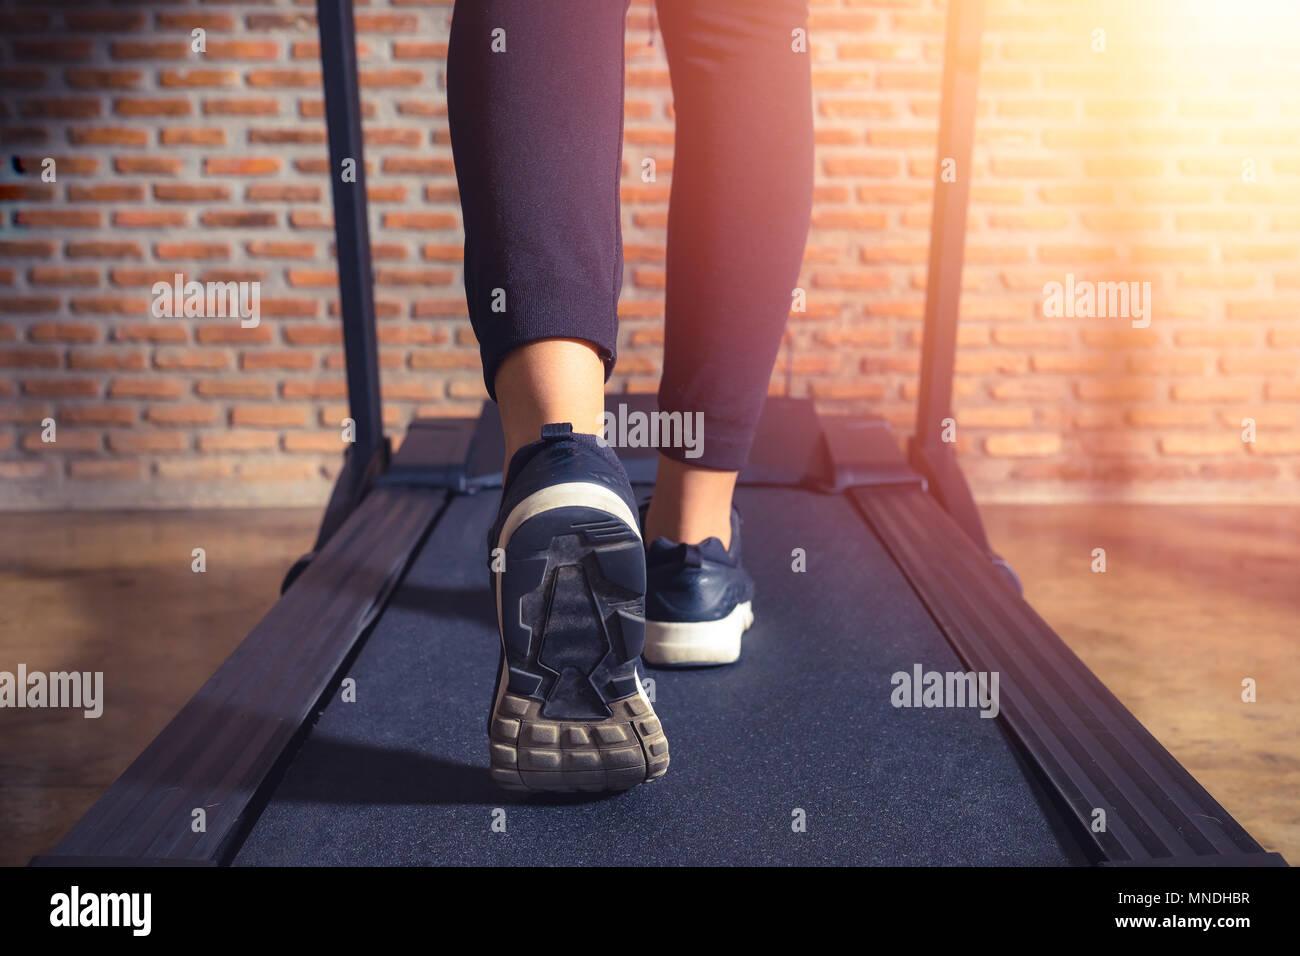 Dans Sur L'athlète Tournant Chaussures Salle Gros Femme De Plan Une qEw5xXY